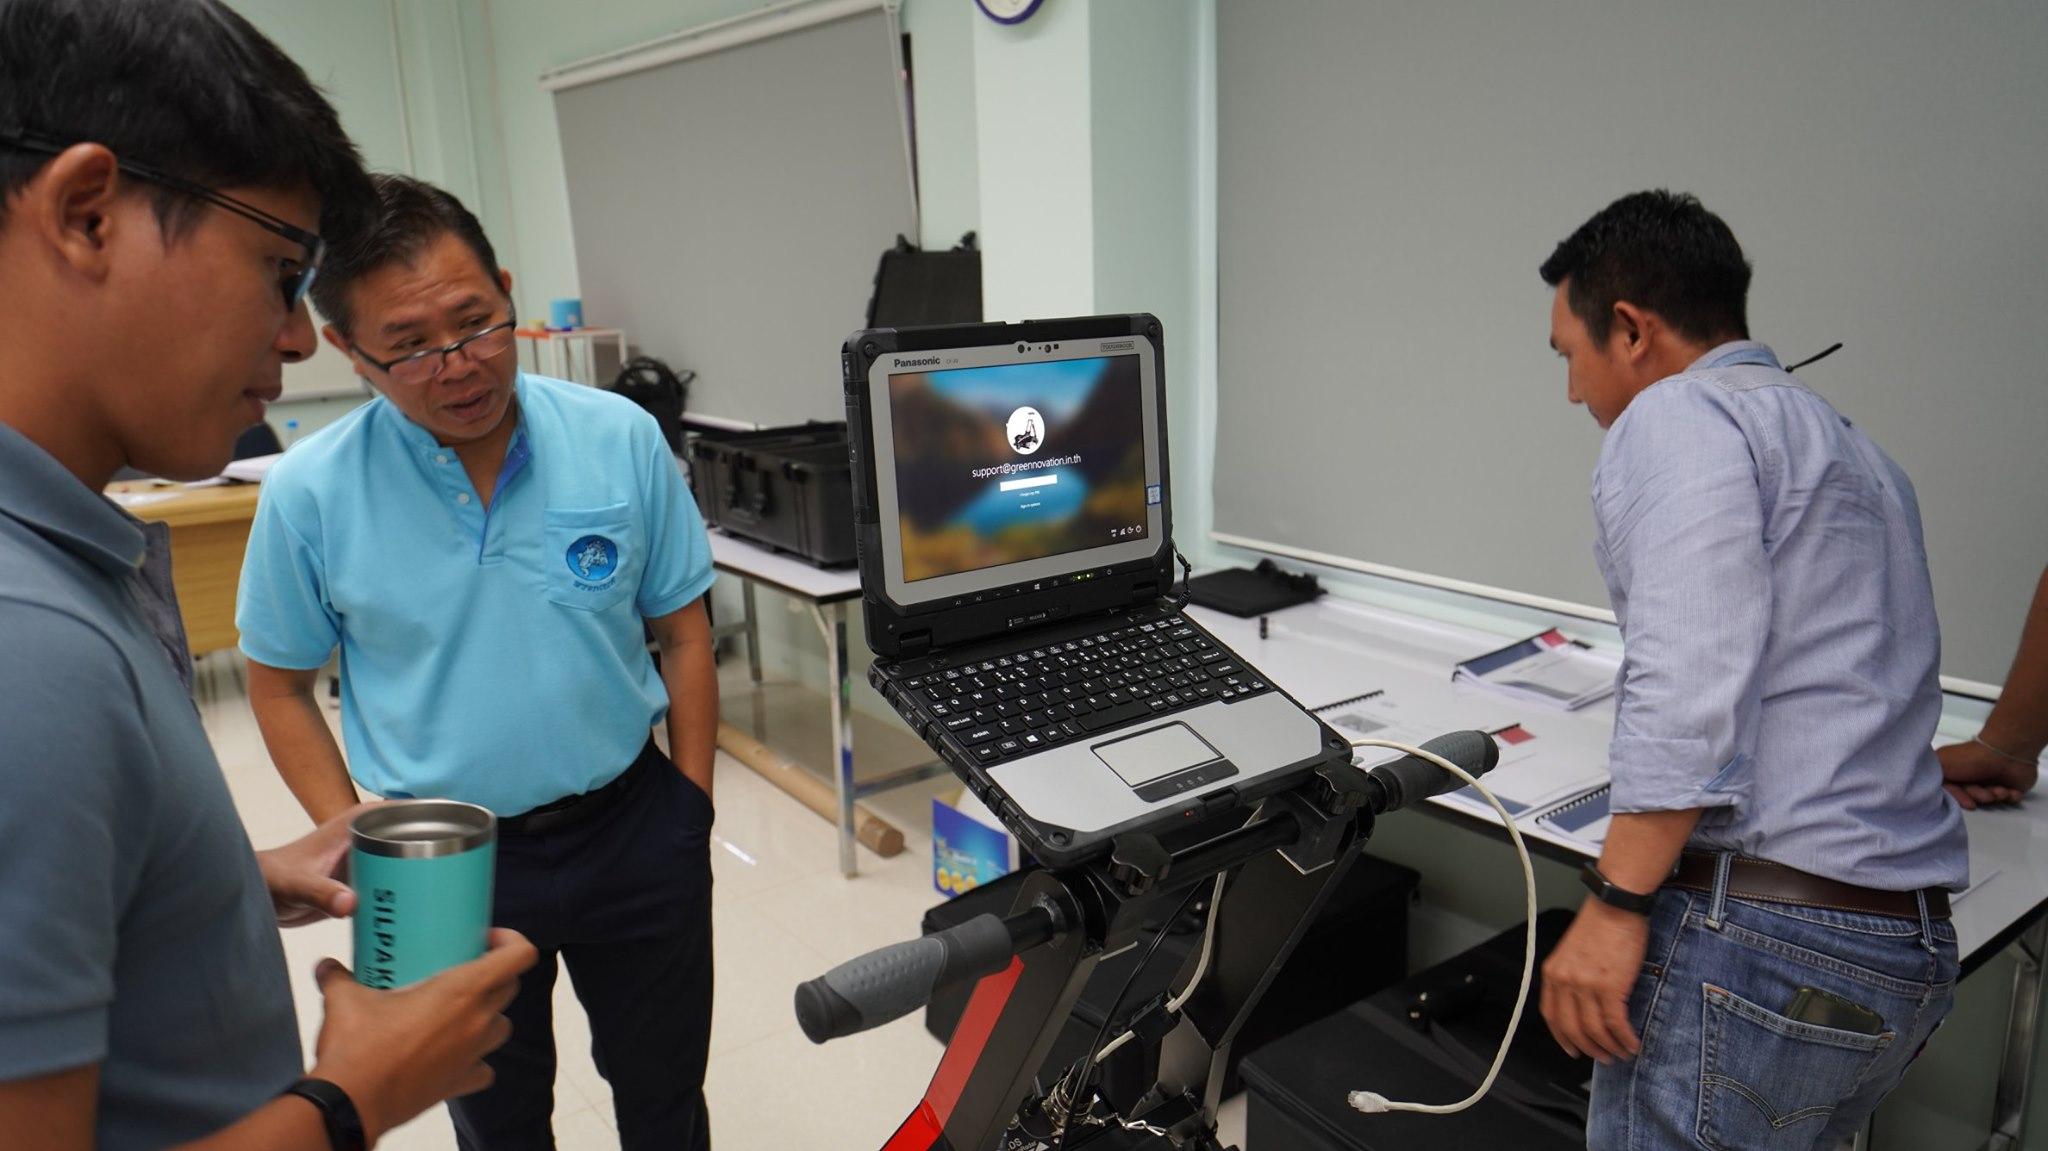 กองโบราณคดีใต้น้ำ ตรวจรับครุภัณฑ์ประจำปีงบประมาณ 2563 เครื่องมือสำรวจธรณีฟิสิกส์ Ground Penetration Radar (GPR)